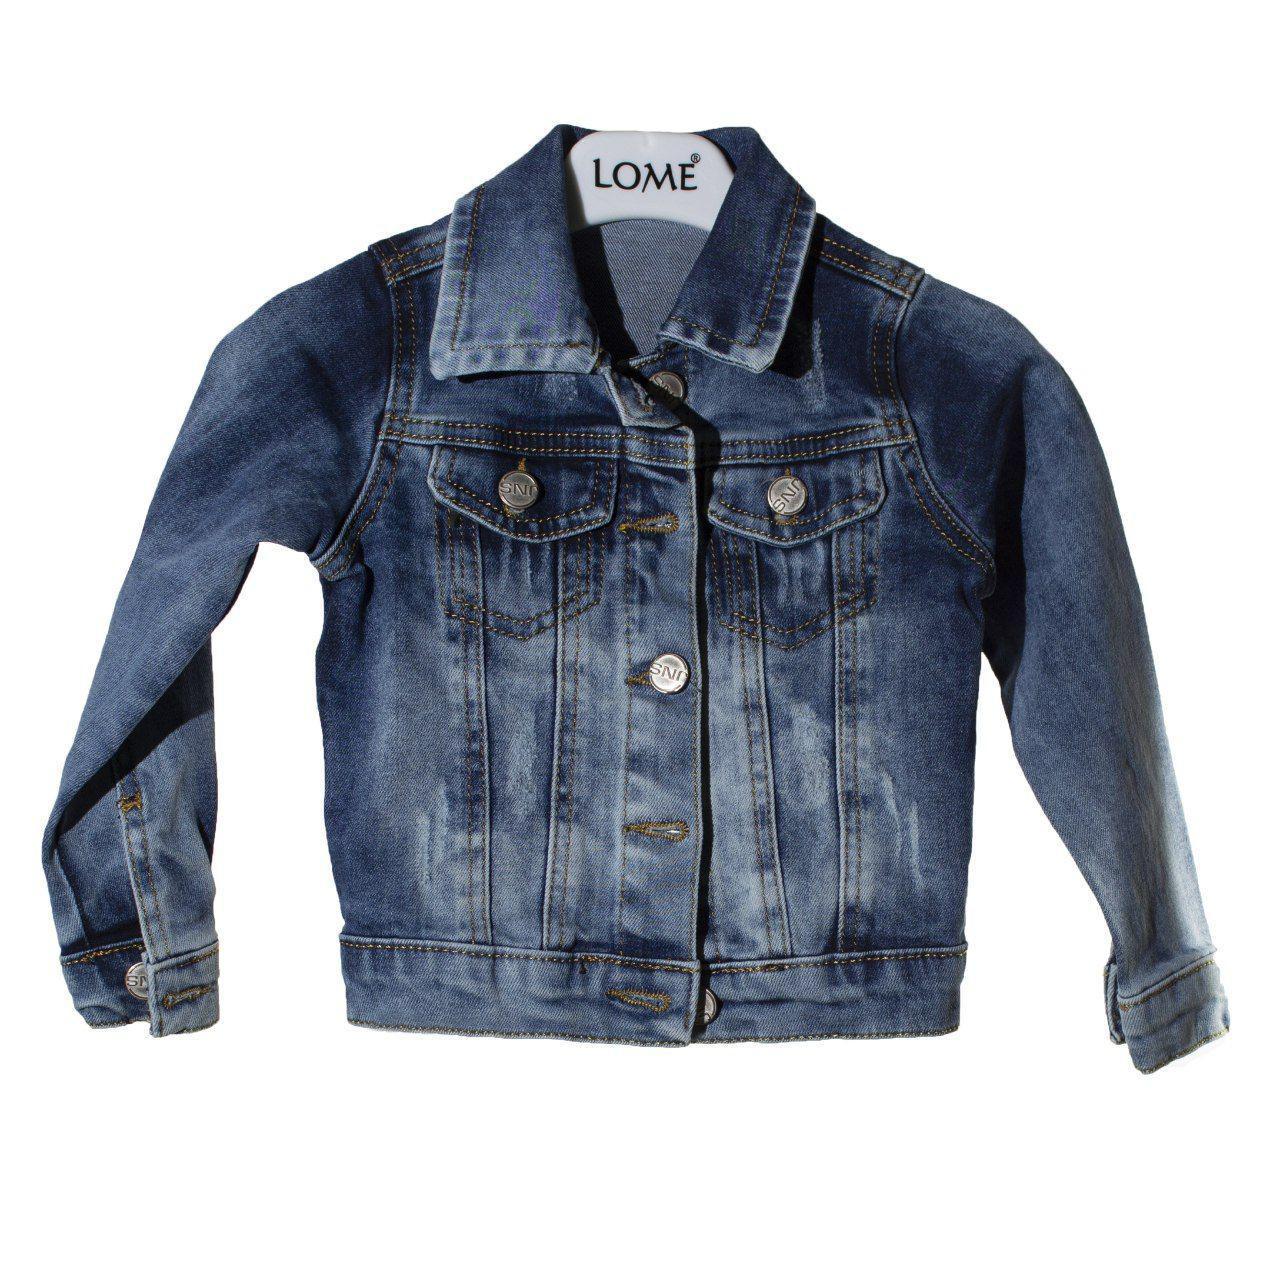 Джинсова куртка для дівчинки, розміри 2 роки